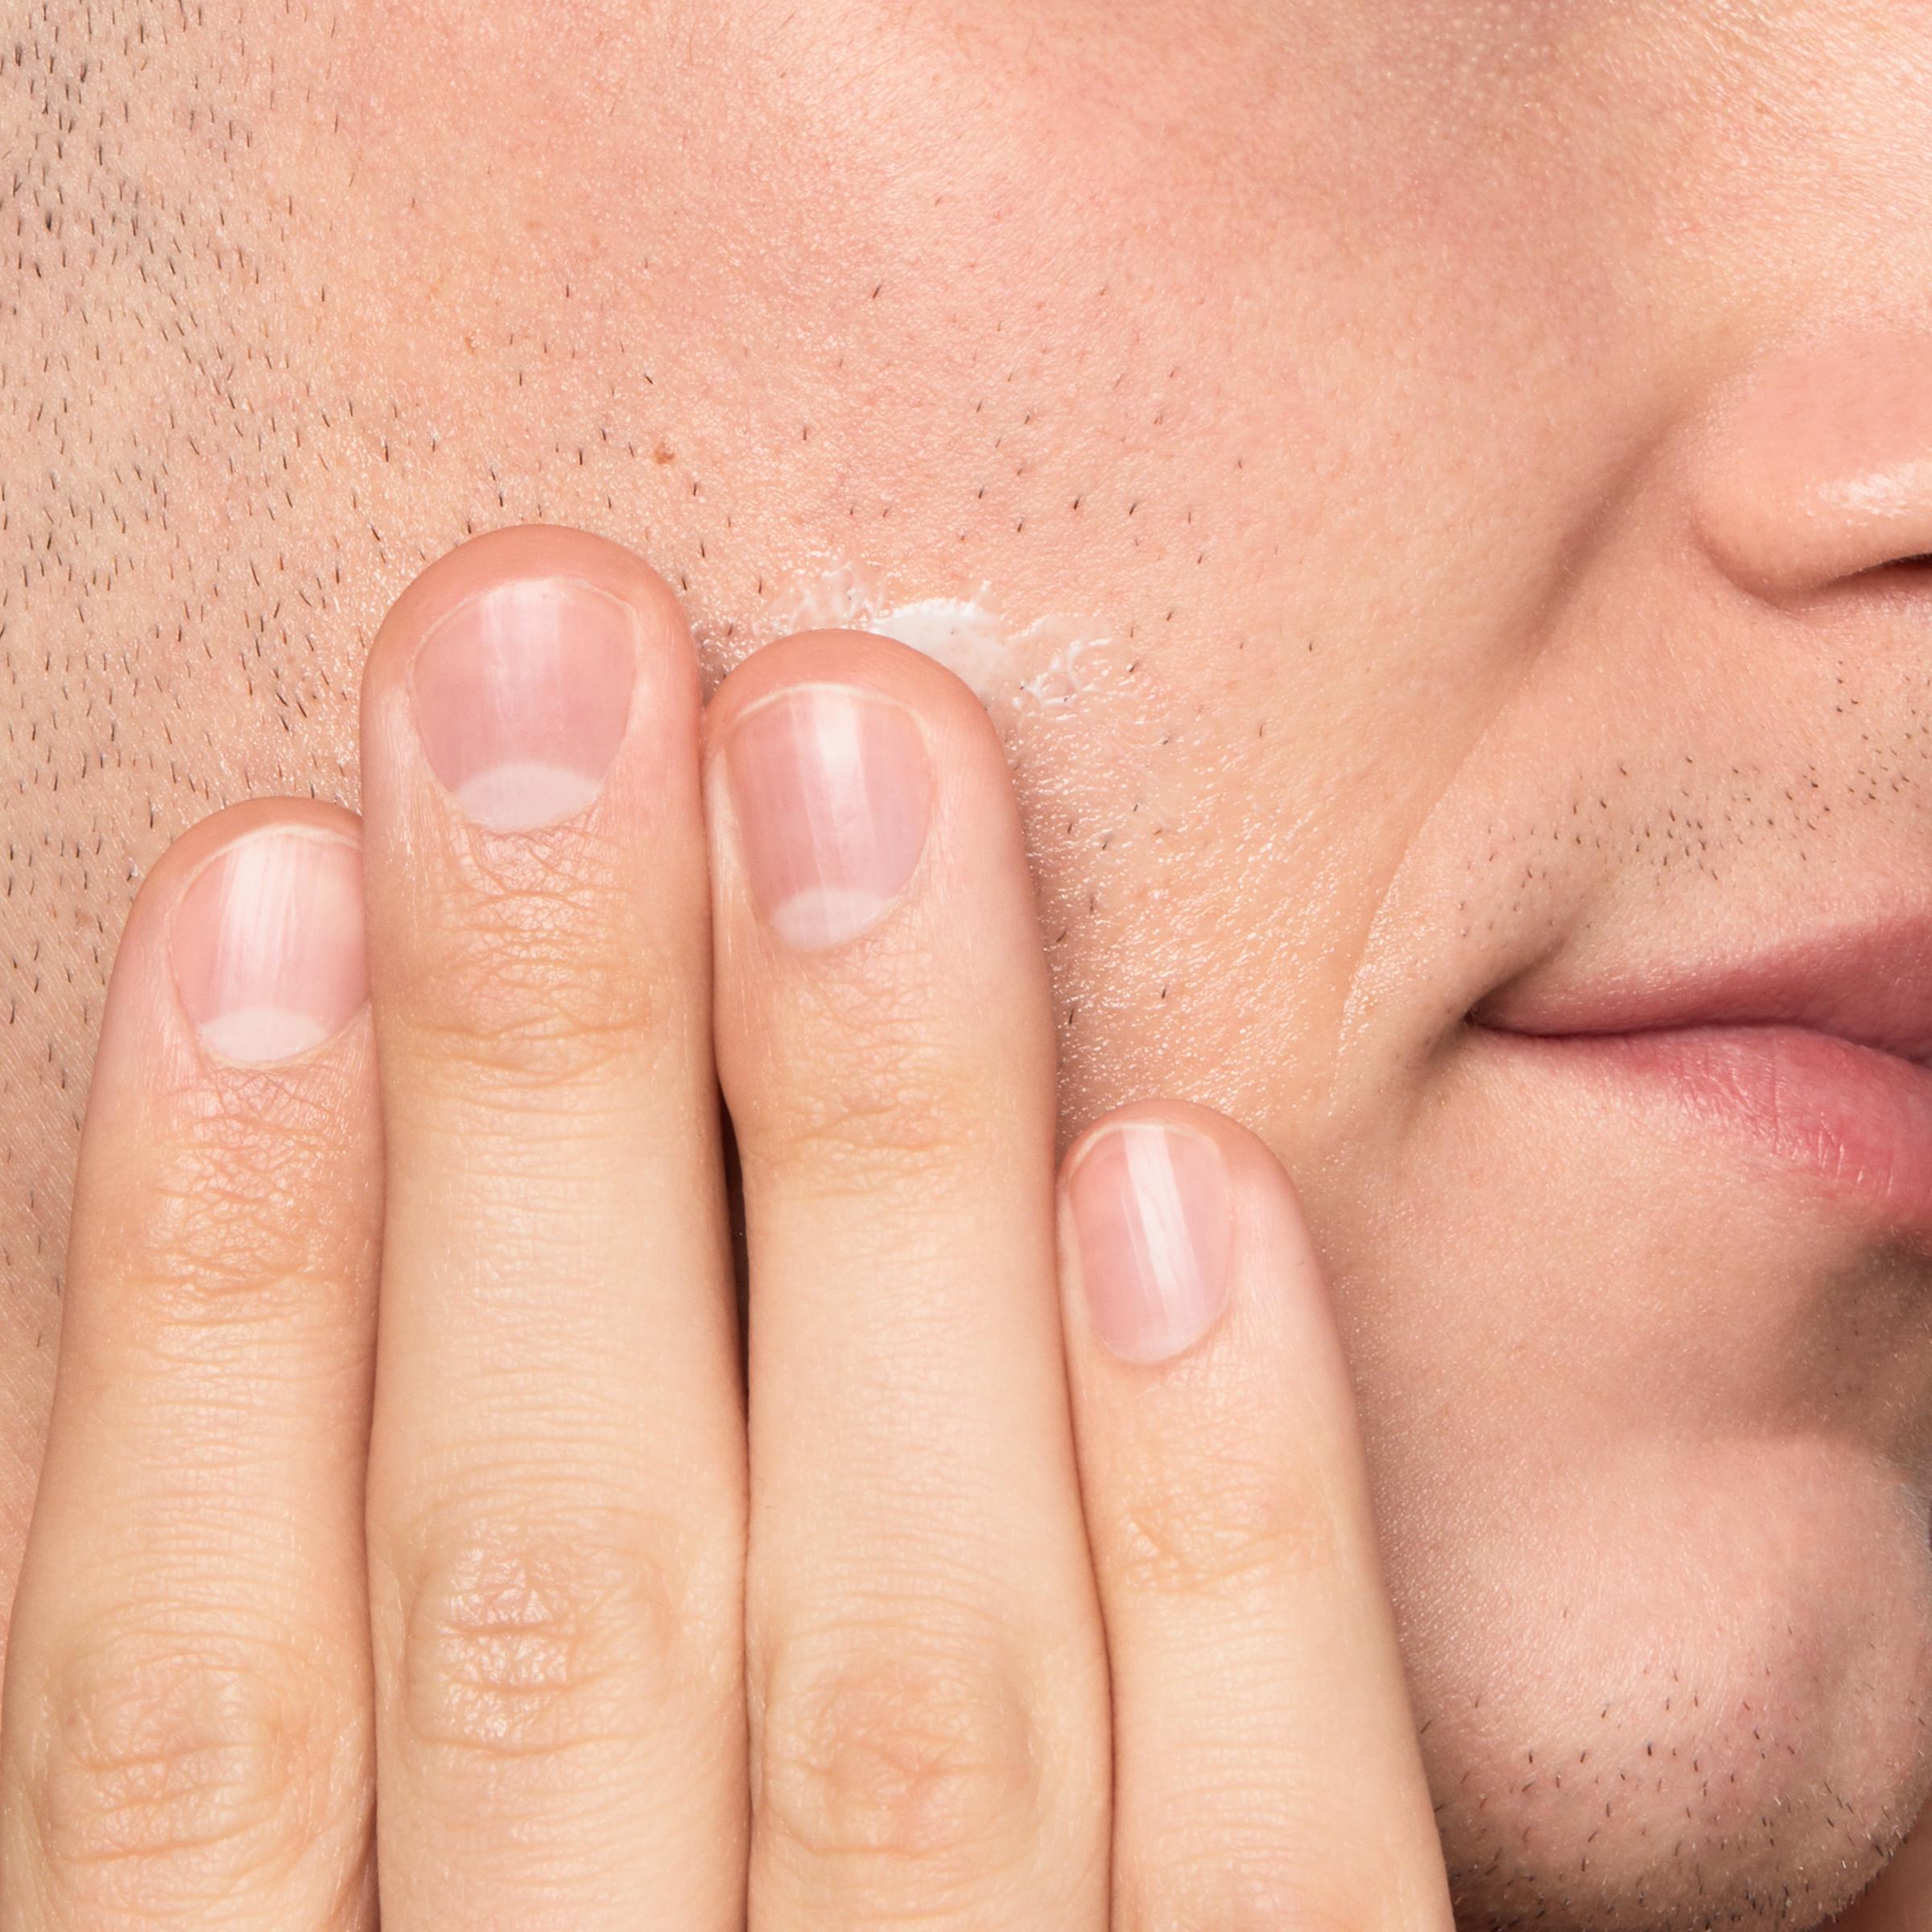 Гель после бритья, успокаивающий раздражение кожи и предотвращающий вростание волос